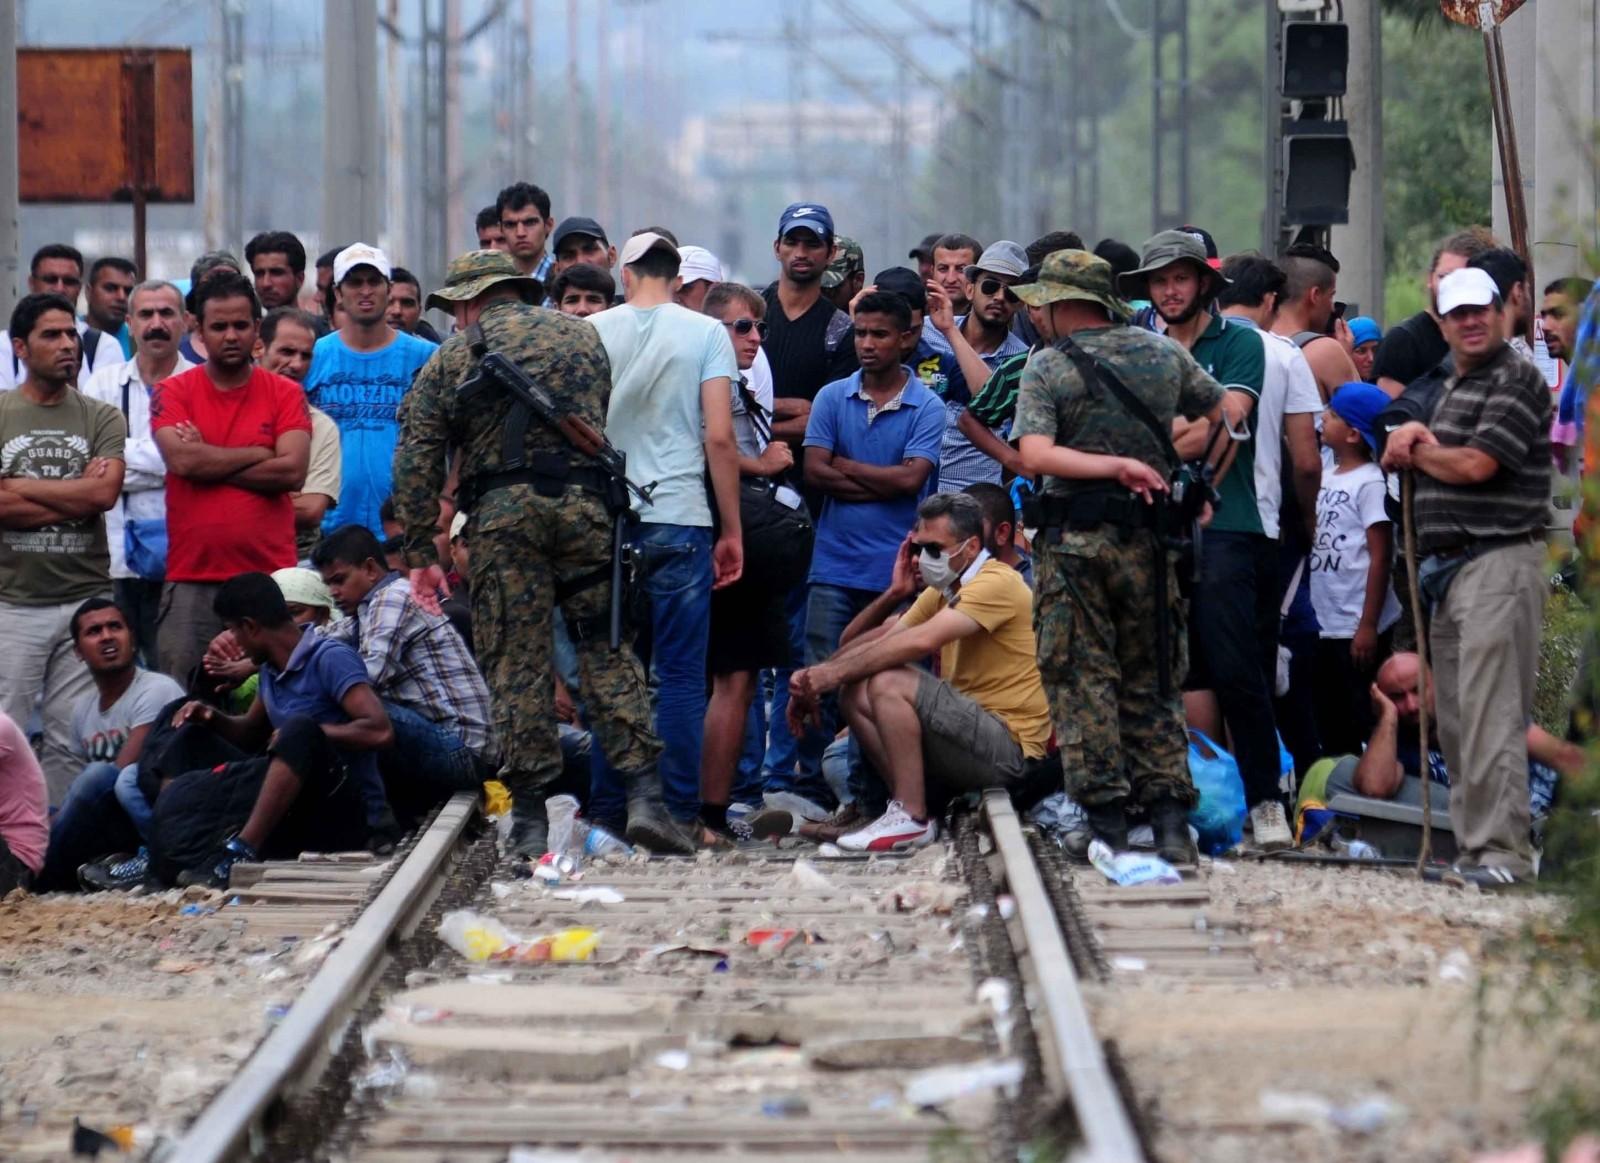 ЌЕ СЕ ГРАДАТ МИГРАНТСКИ НАСЕЛБИ  Заев ја подготвува Македонија за населување на мигранти